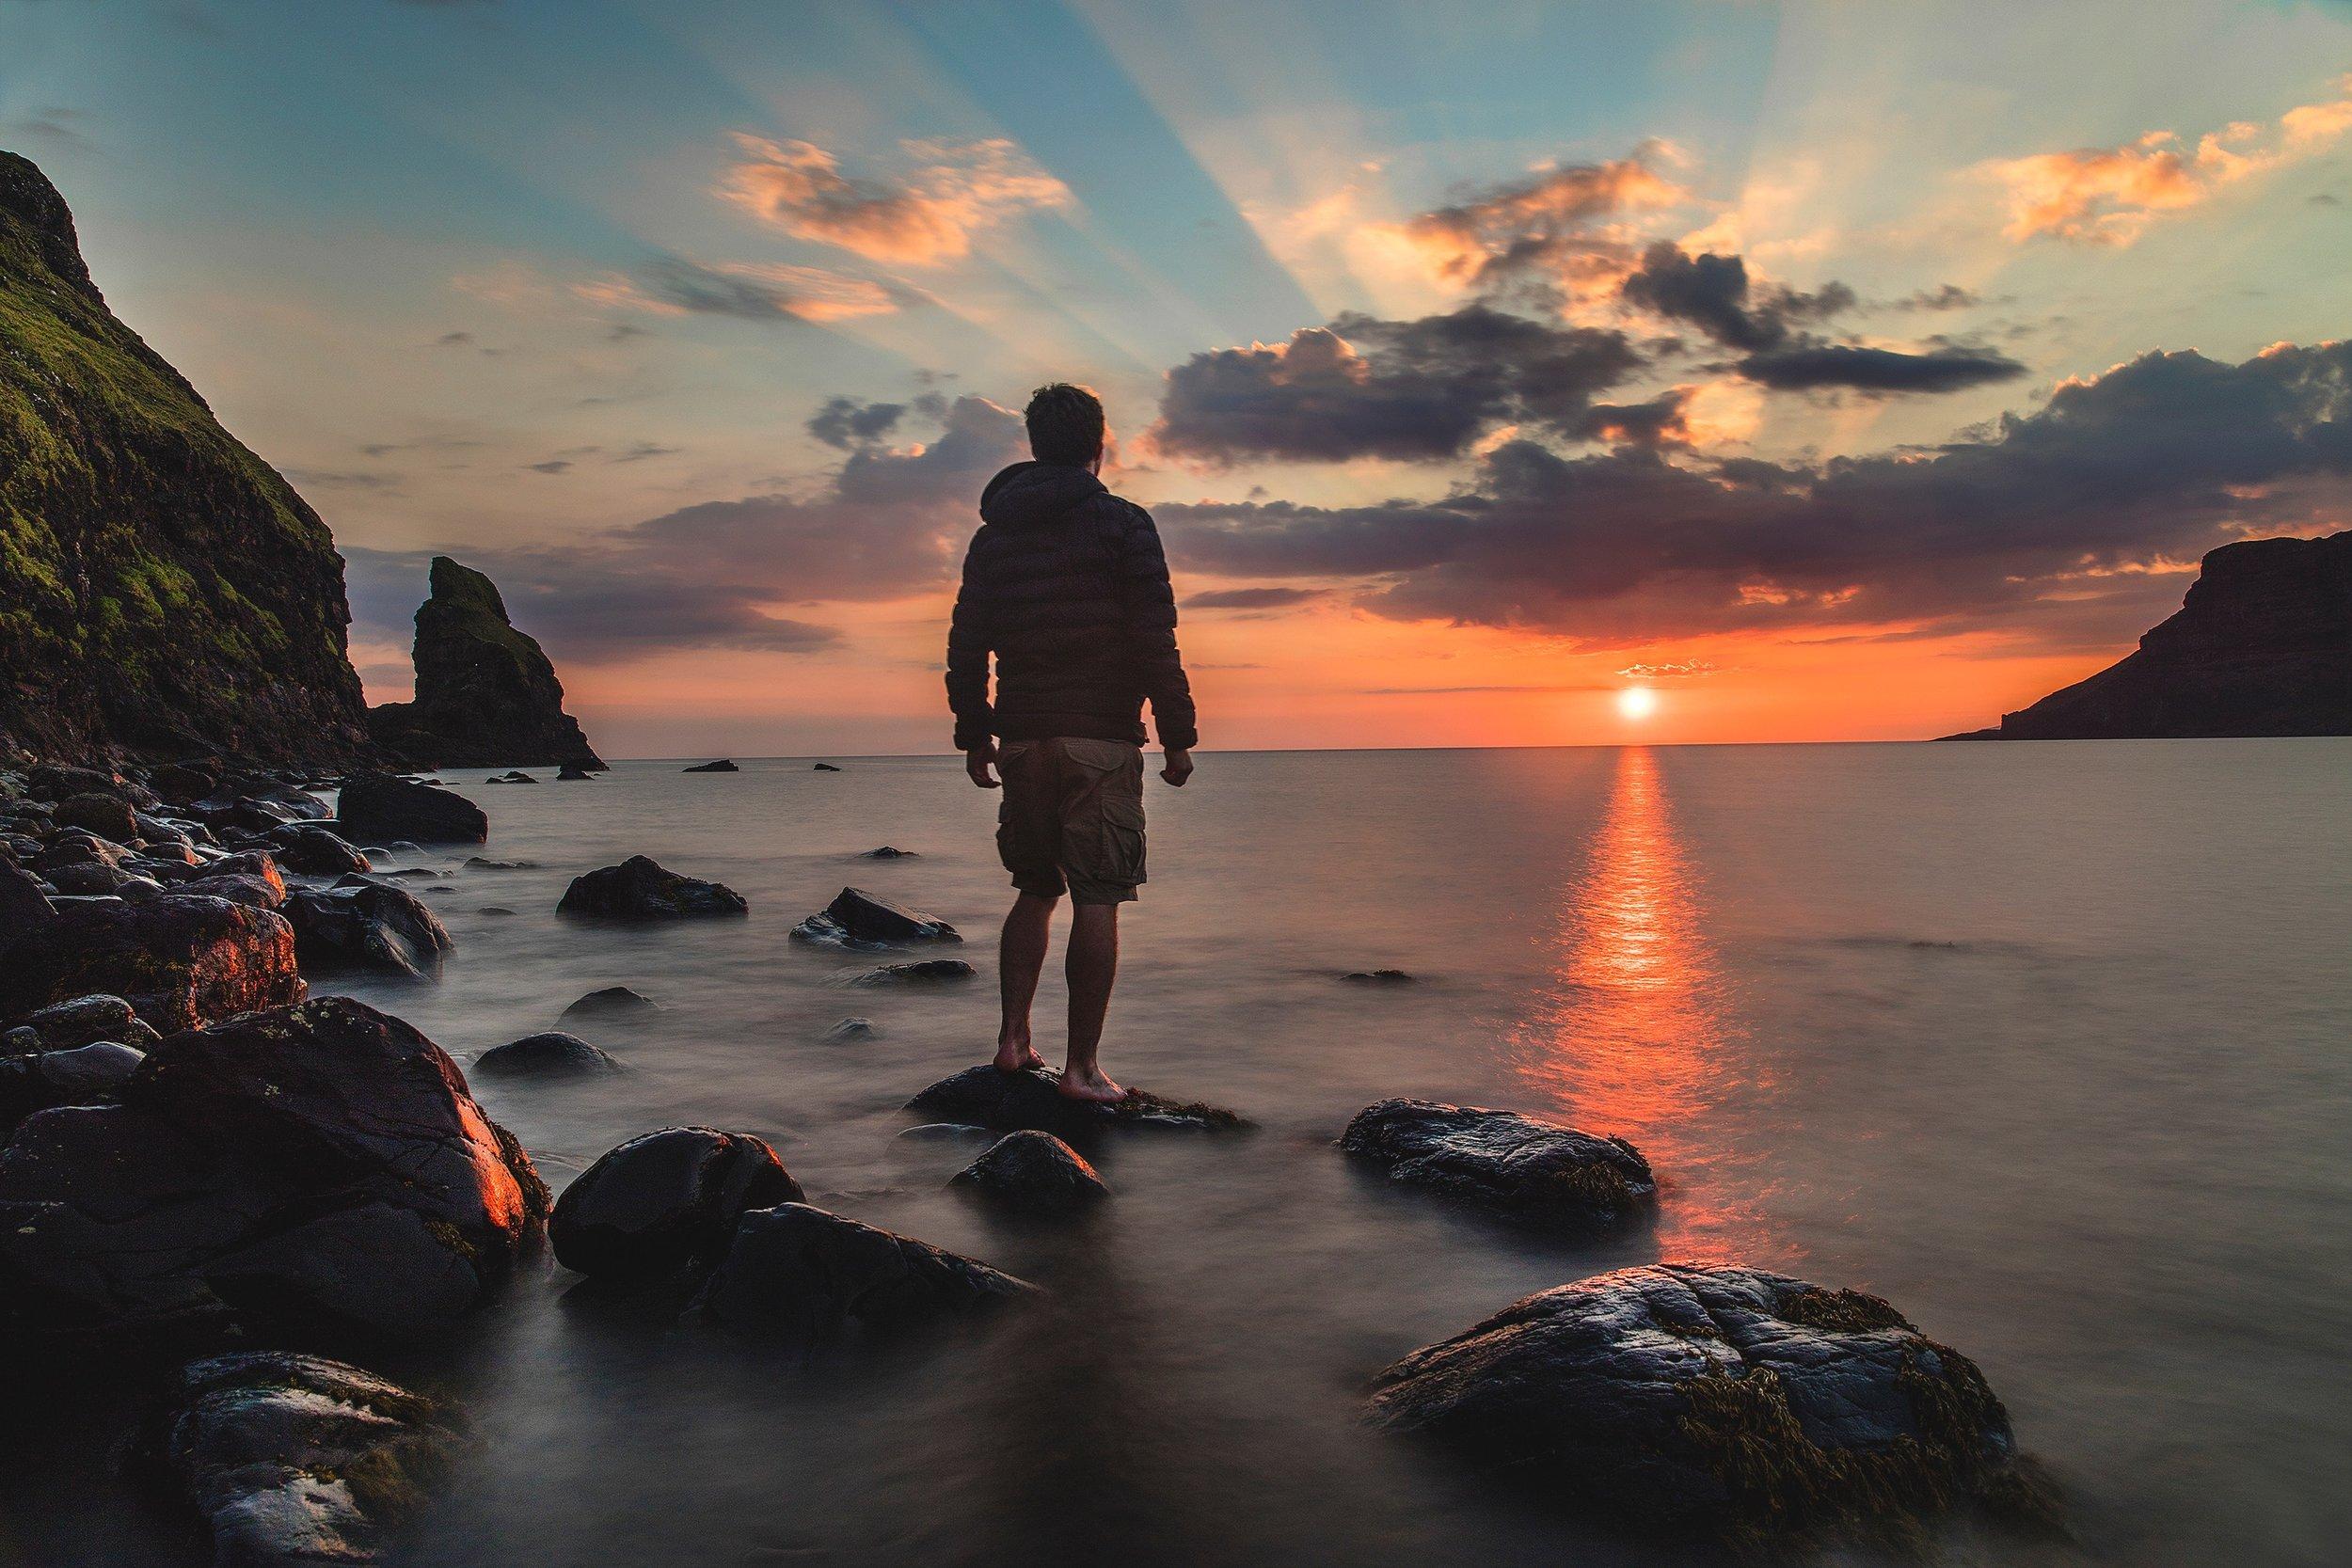 Man looking at sunrise - philosophy.jpg